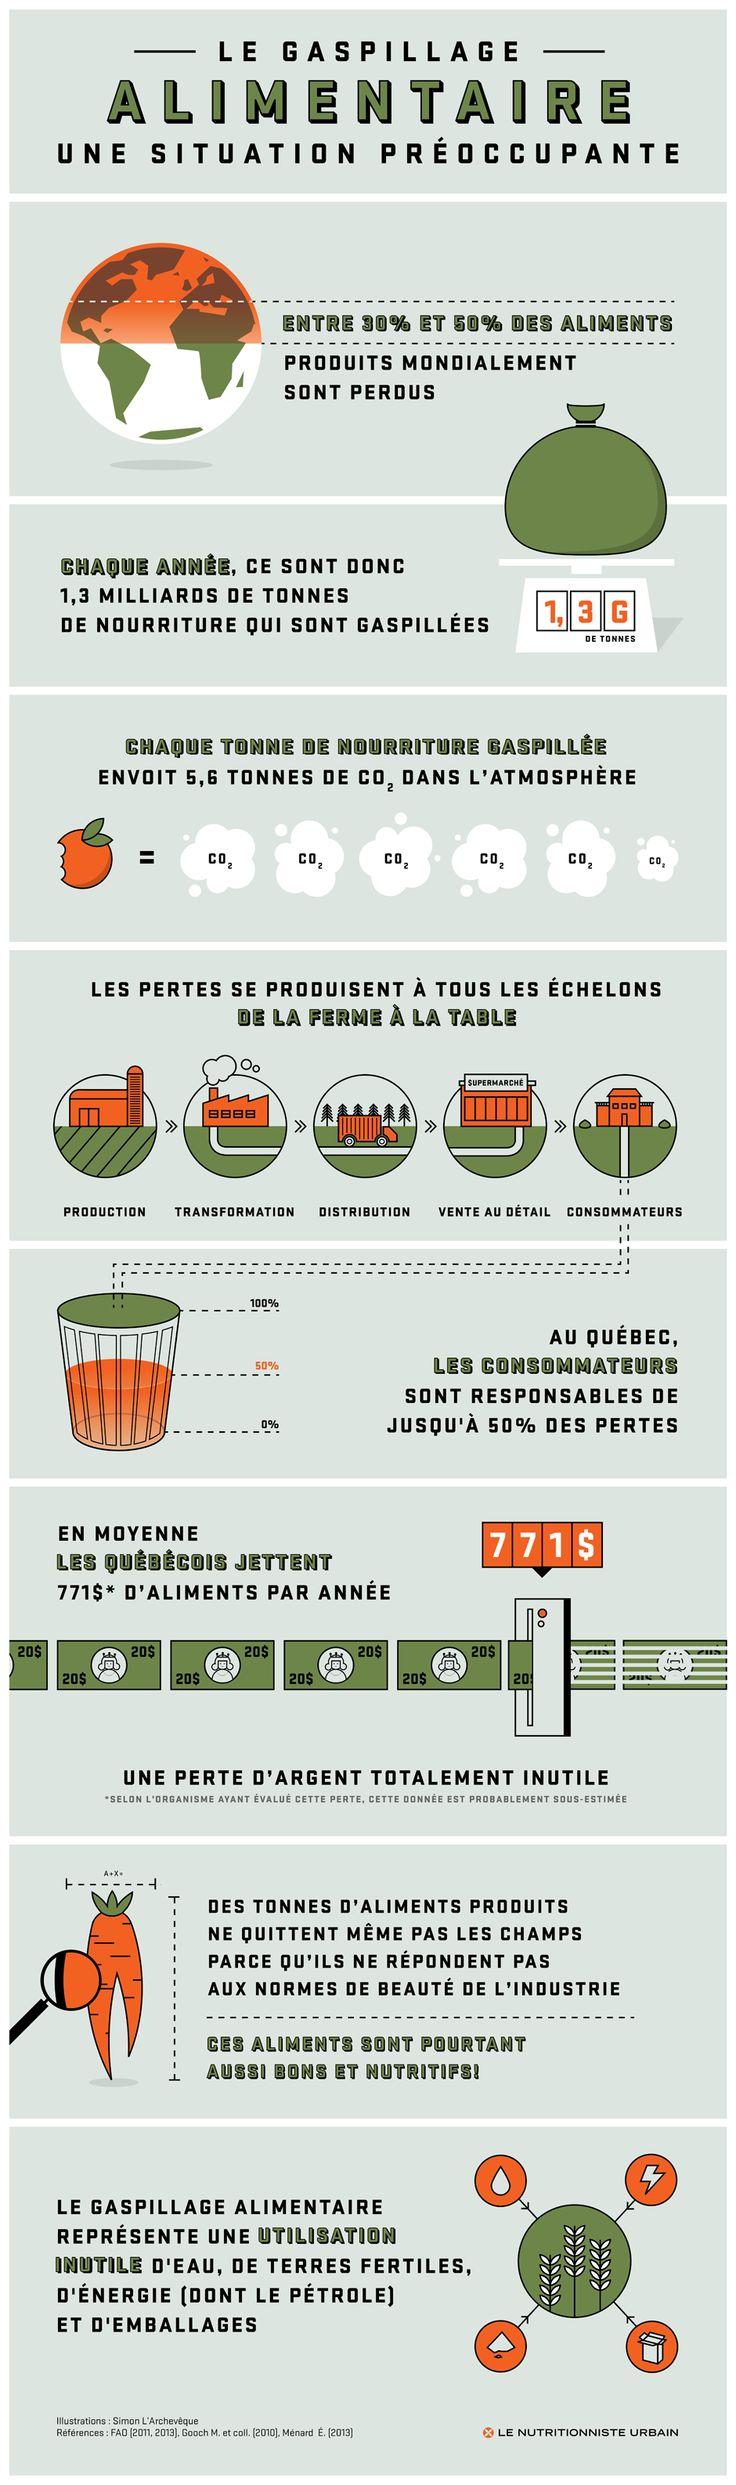 Chaque année, 1,3 milliards de tonnes d'aliments sont gaspillées. Le gaspillage alimentaire est un enjeu mondial très important.